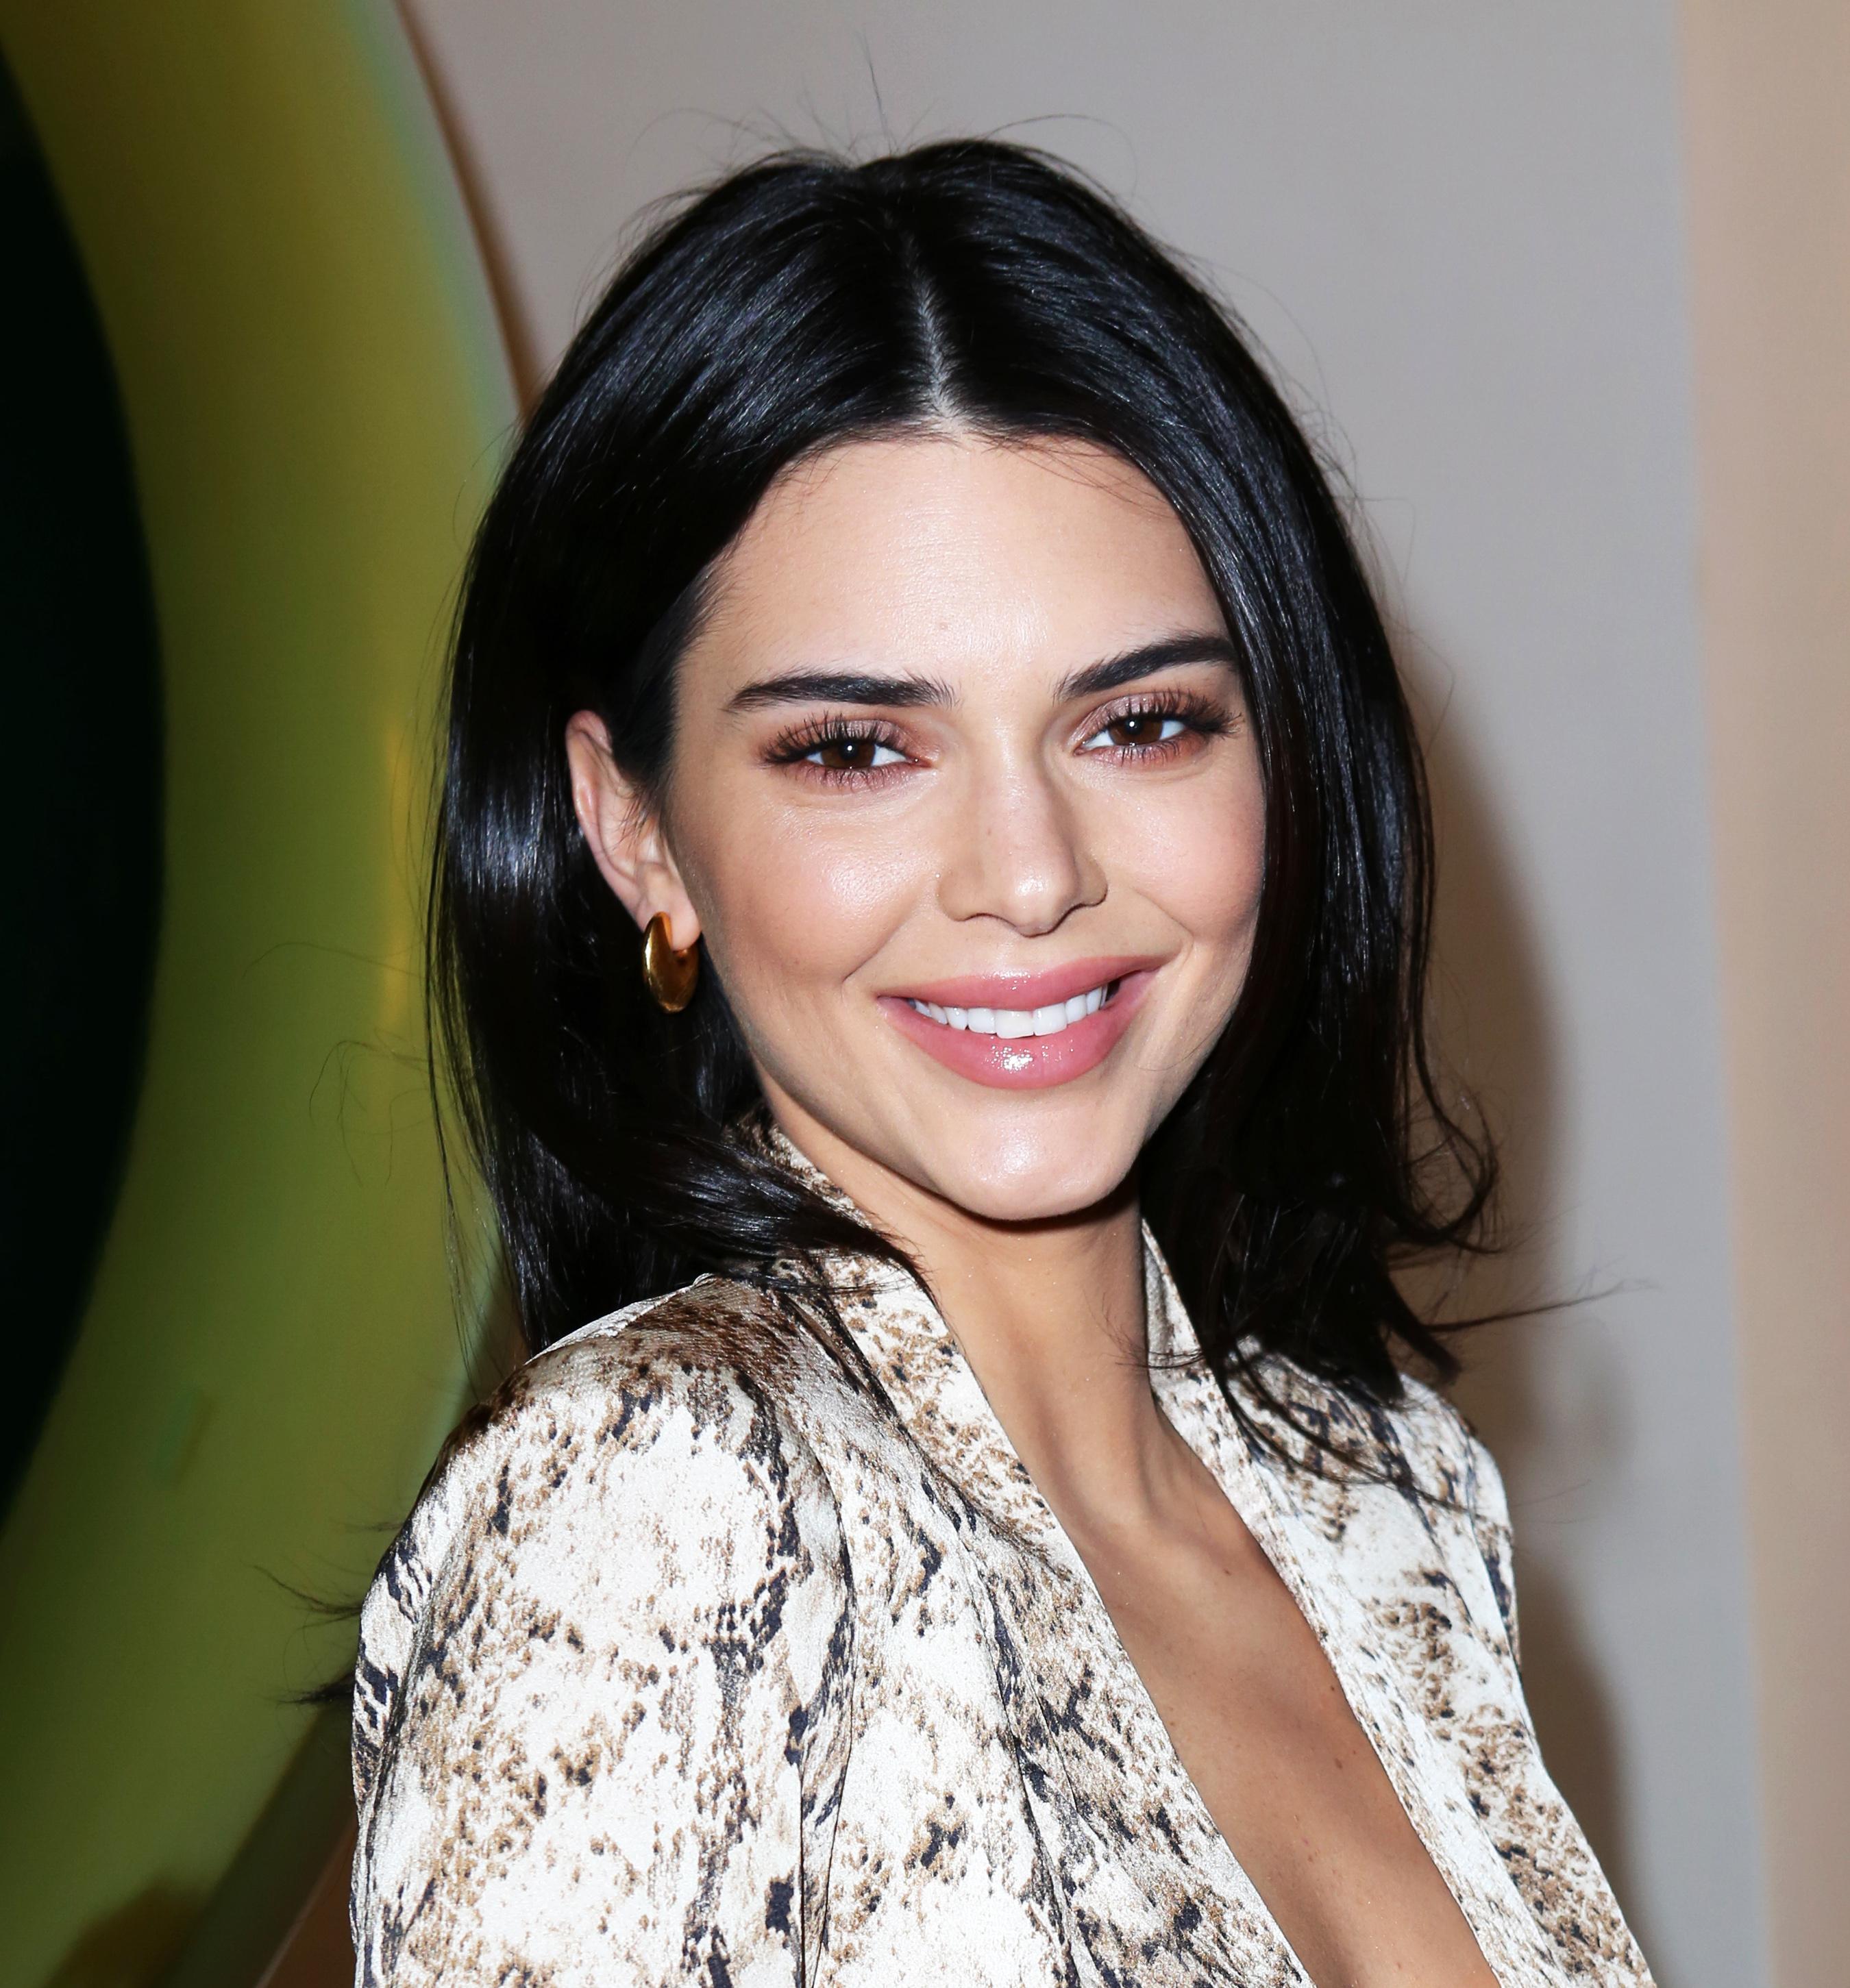 Η Kendall Jenner υπέκυψε στην τεράστια τάση του cowprint manicure!